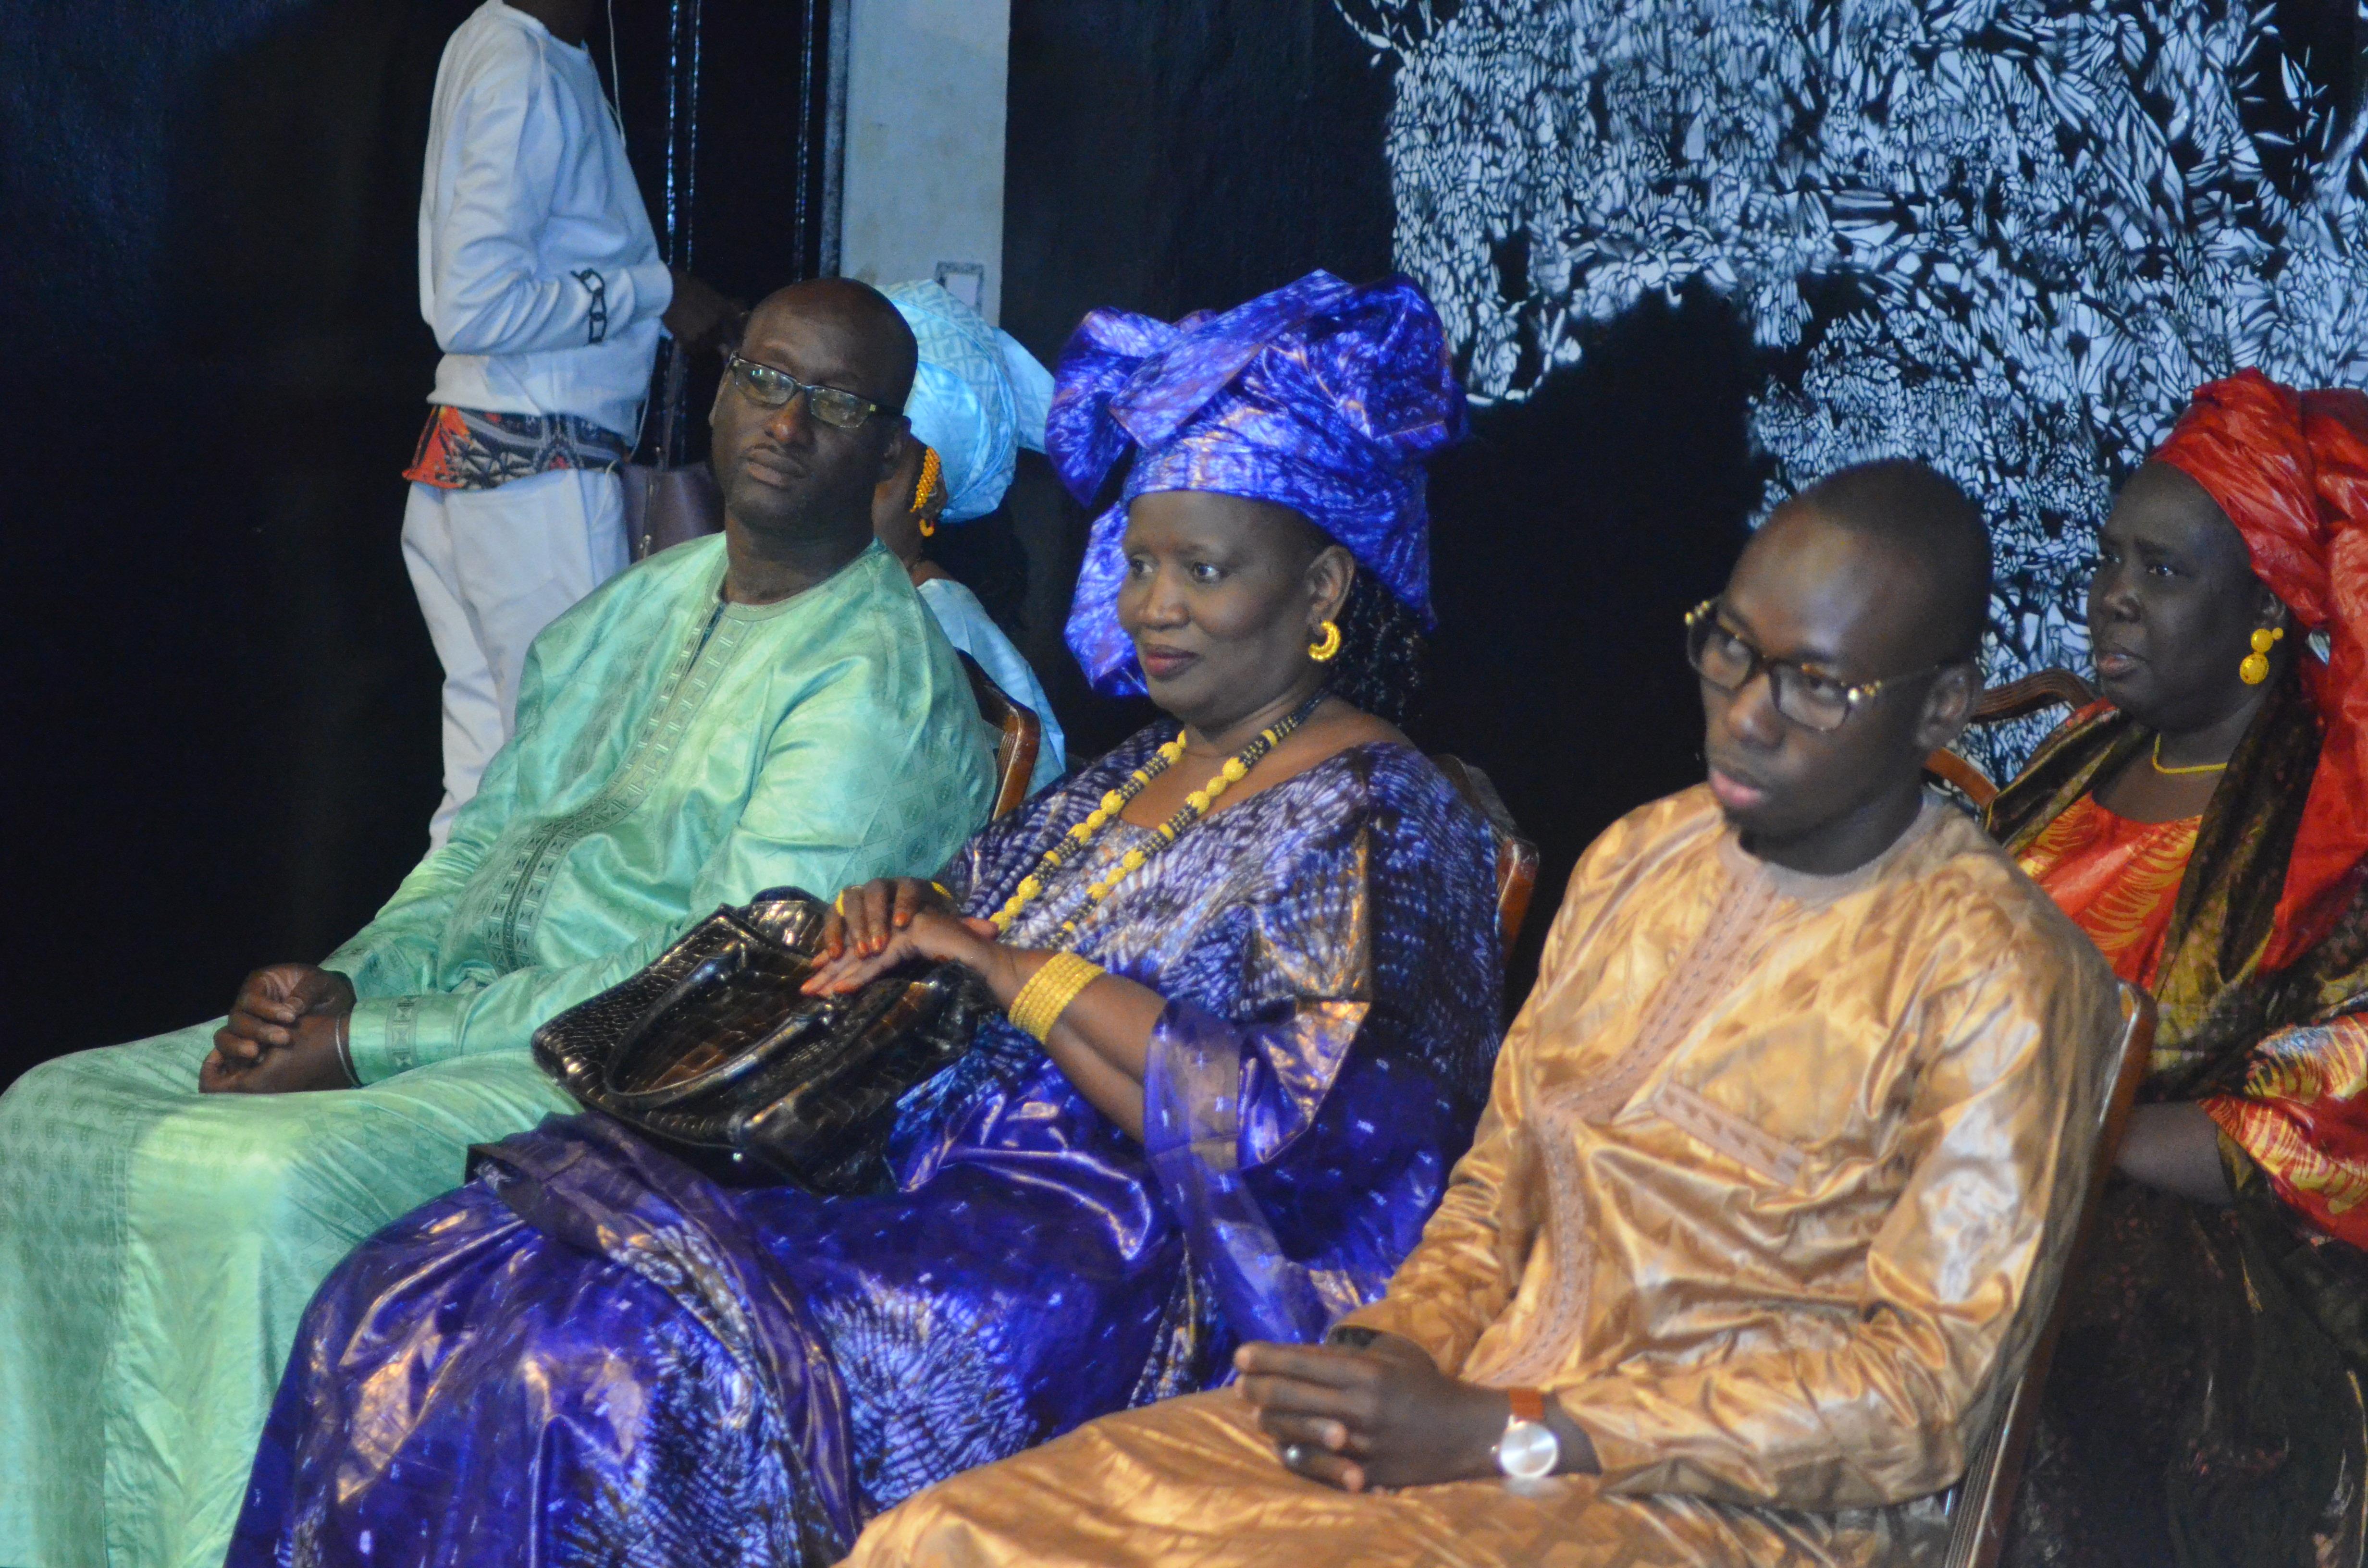 Première Edition soirée culturelle de l'Association Boyinadji Ma fierté de Bokidiawé, le parrain Bocar Abdoulaye Ly appelle à l'union des cœurs (13)